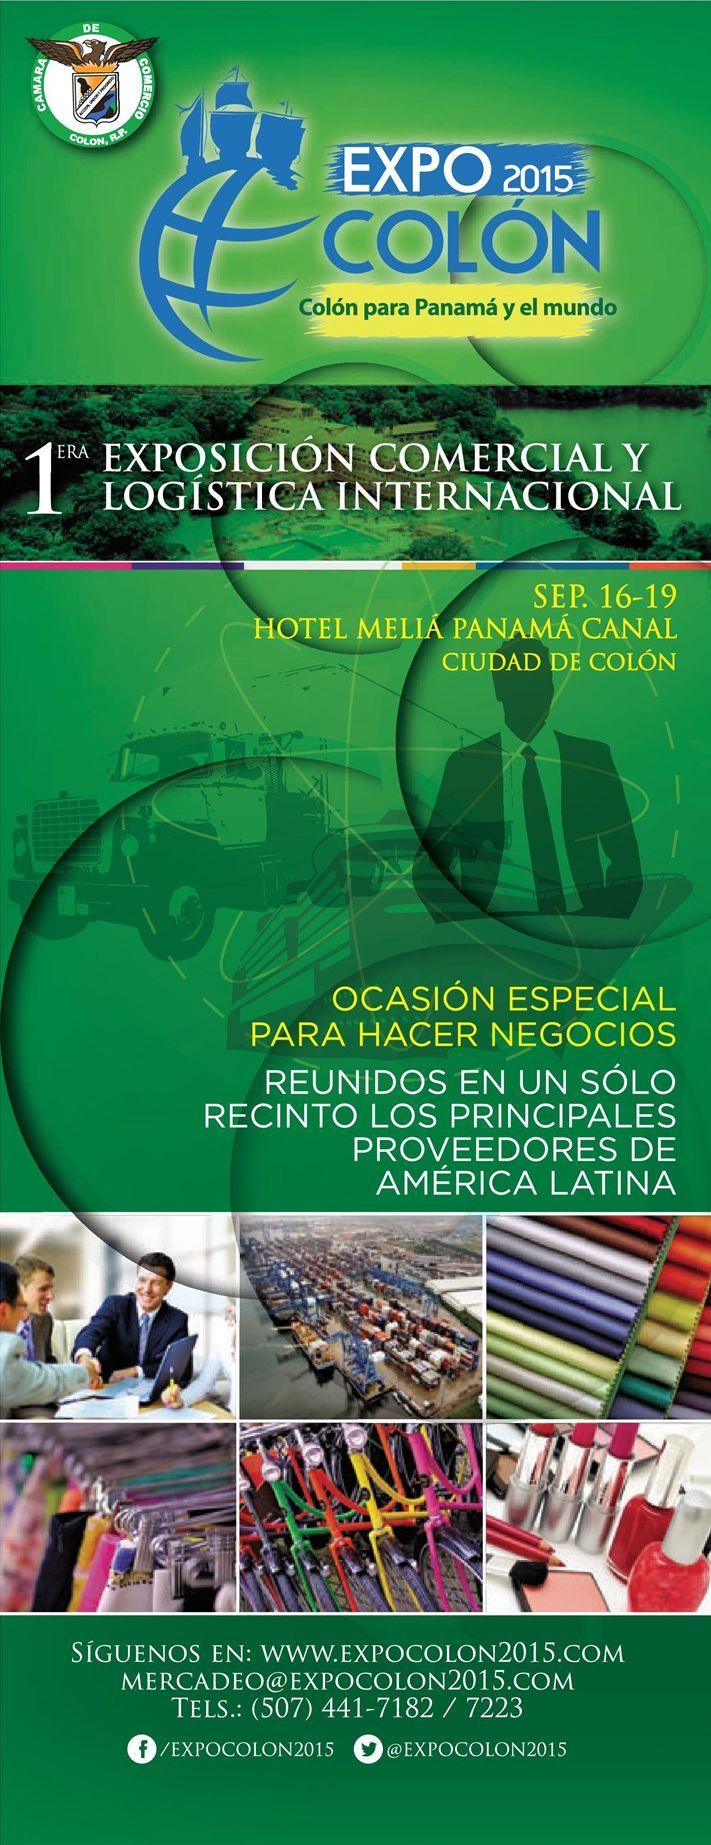 Como hacer negocios en COLON PANAMA expo feria 2015